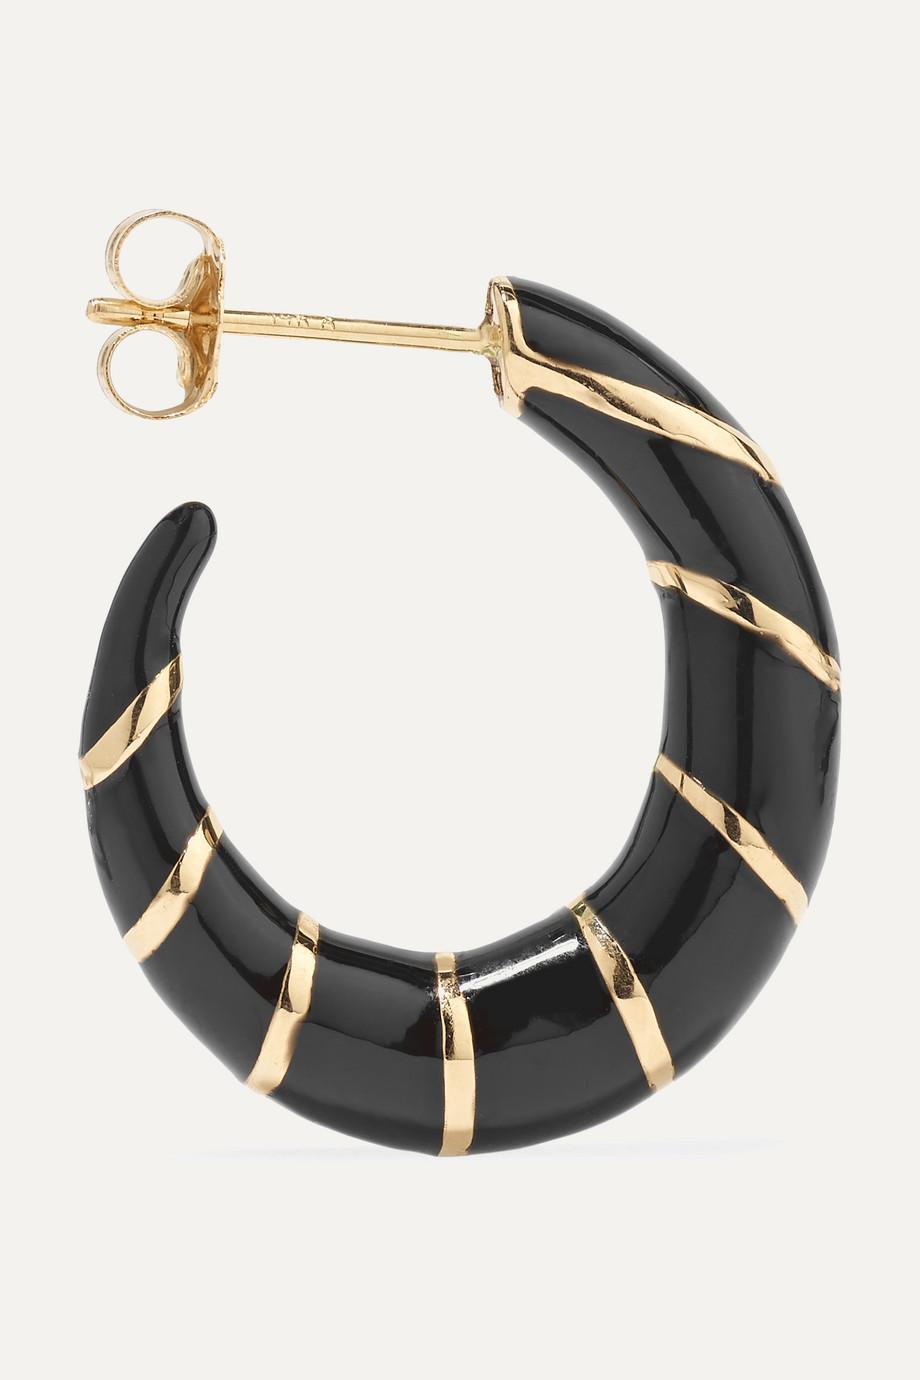 Alison Lou Petite Stripes Creolen aus 14 Karat Gold mit Emaille